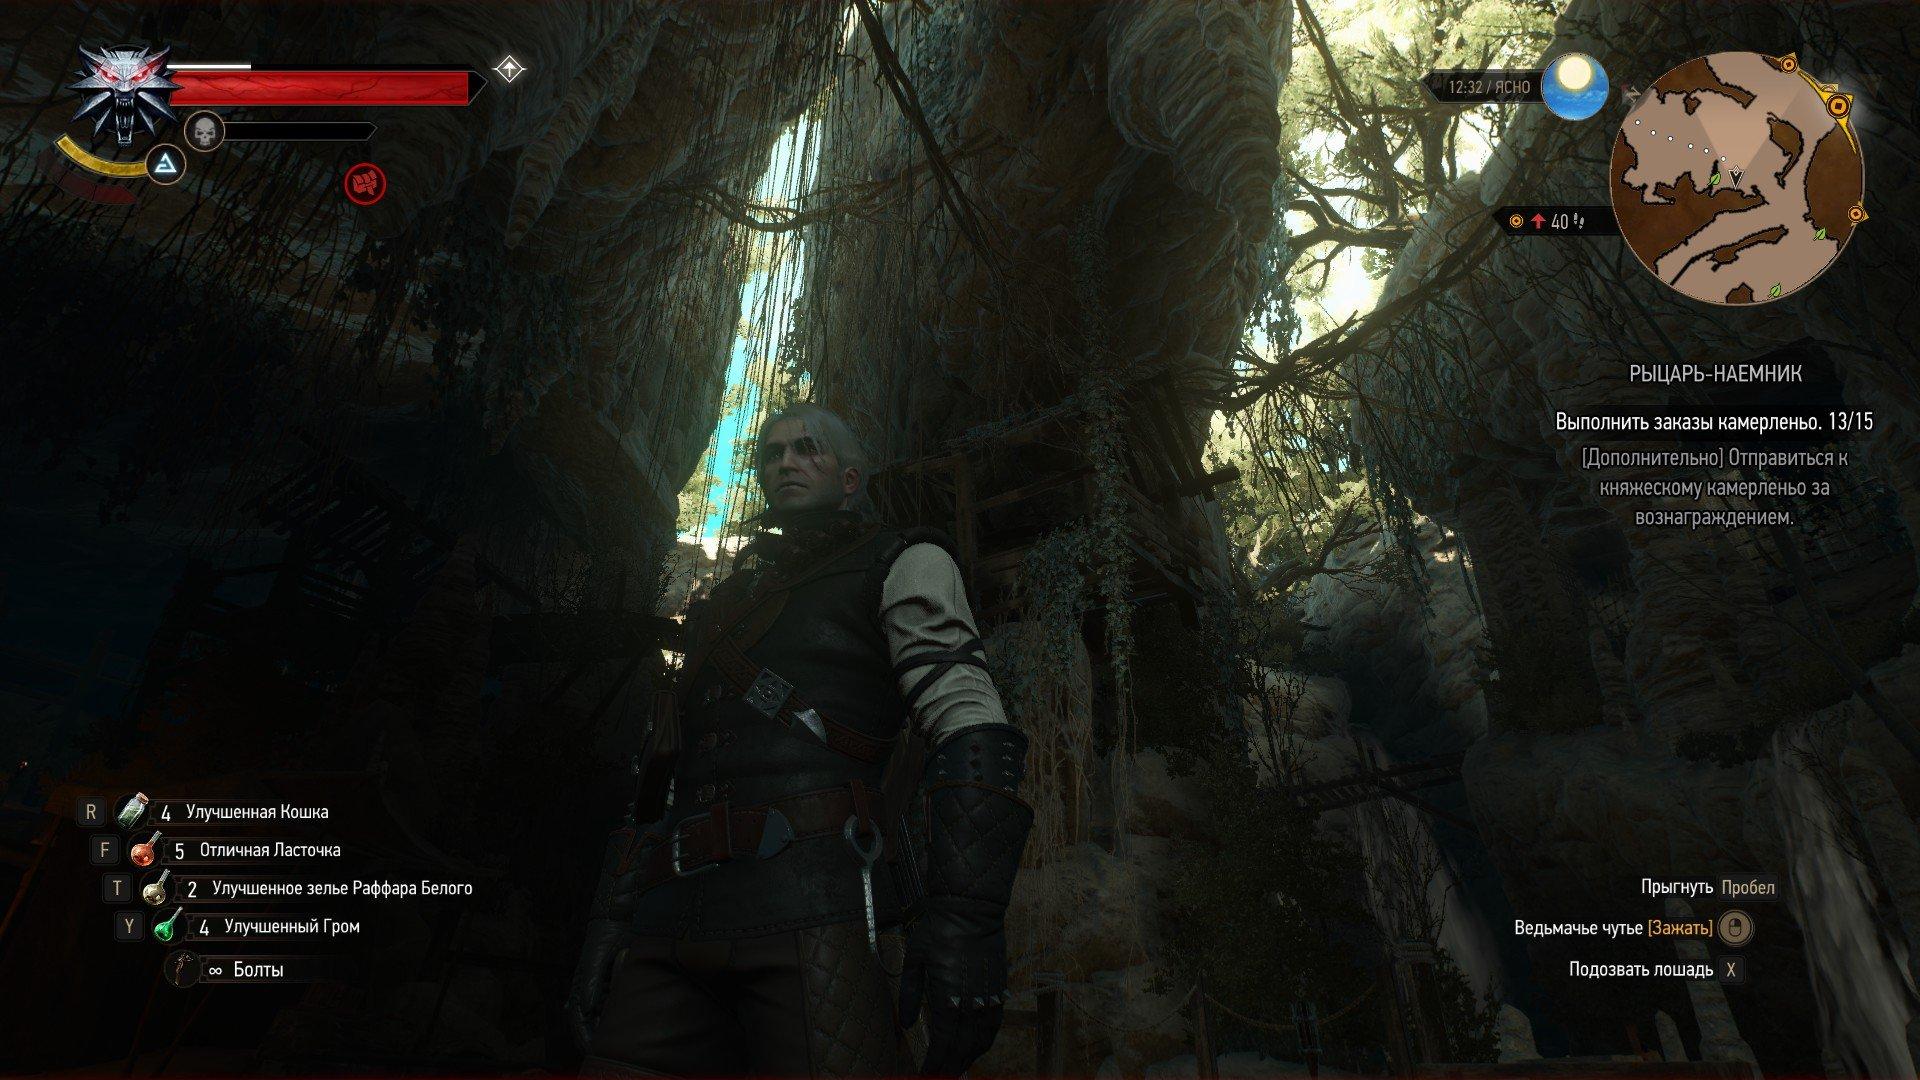 Вопль-прохождение Witcher 3: Кровь и Вино ... ФИНАЛ!!! [ВНИМАНИЕ, СПОЙЛЕРЫ] - Изображение 13